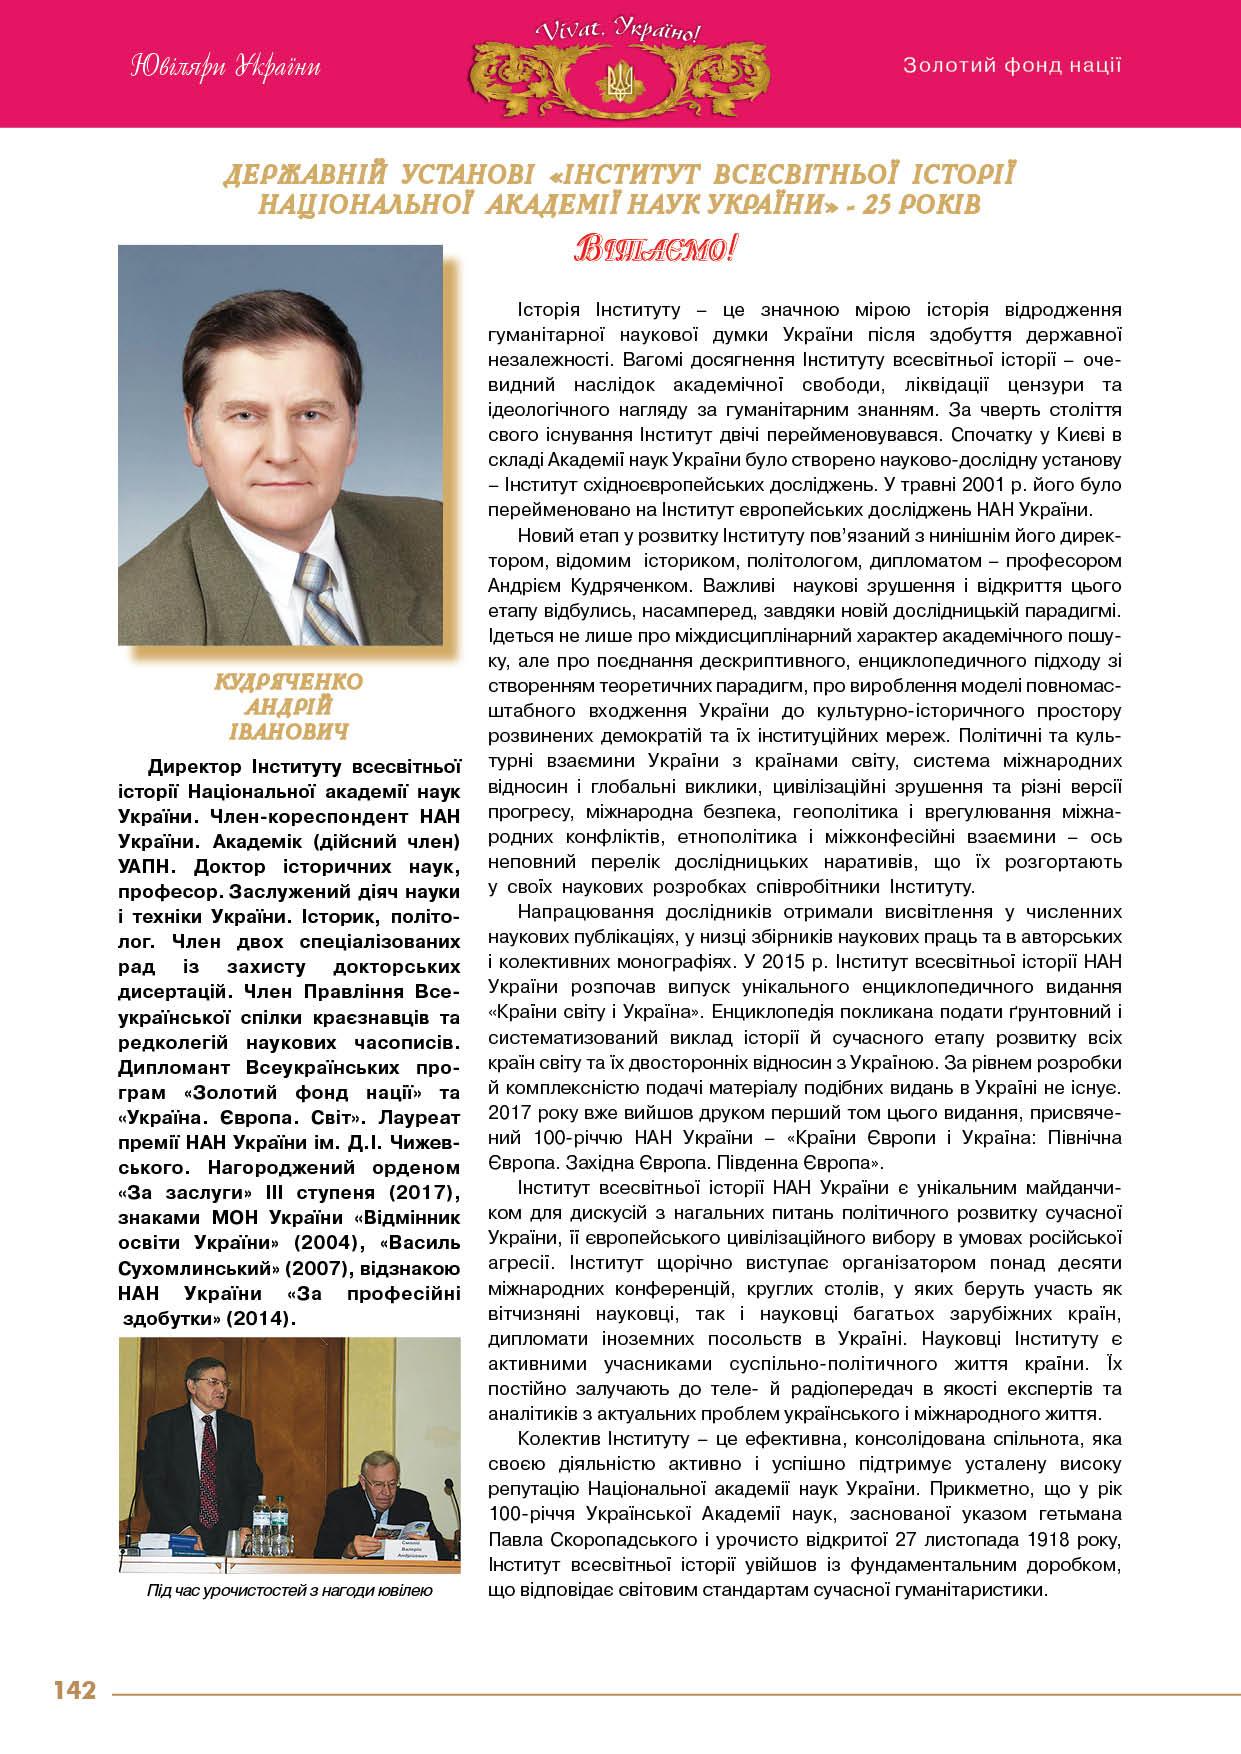 Кудряченко Андрій Іванович